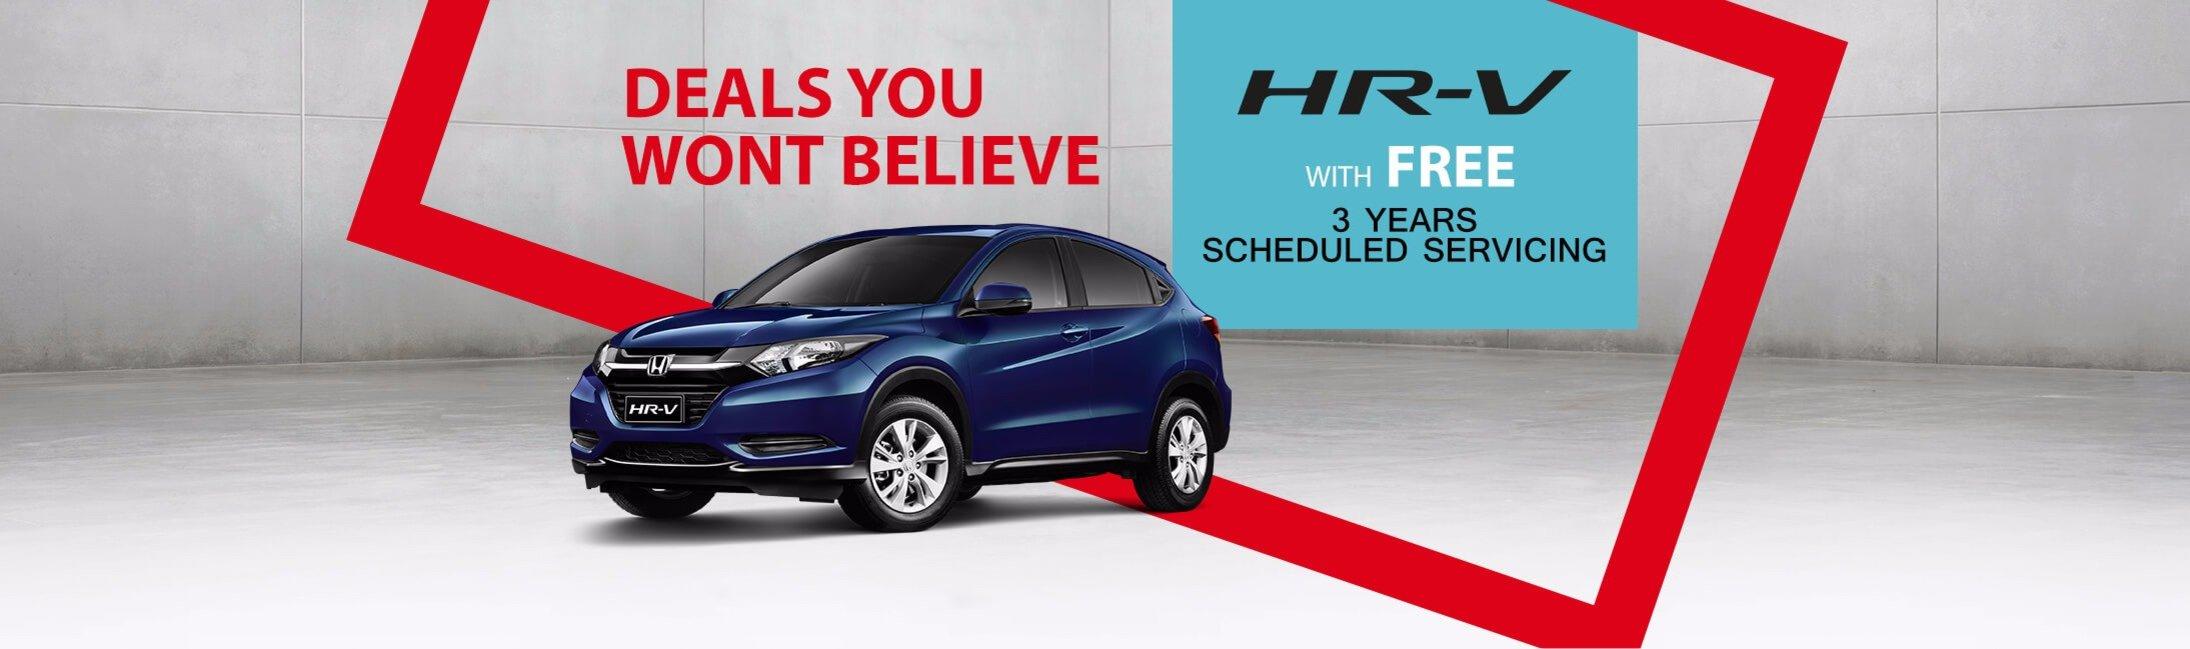 Wangara Honda HR-V